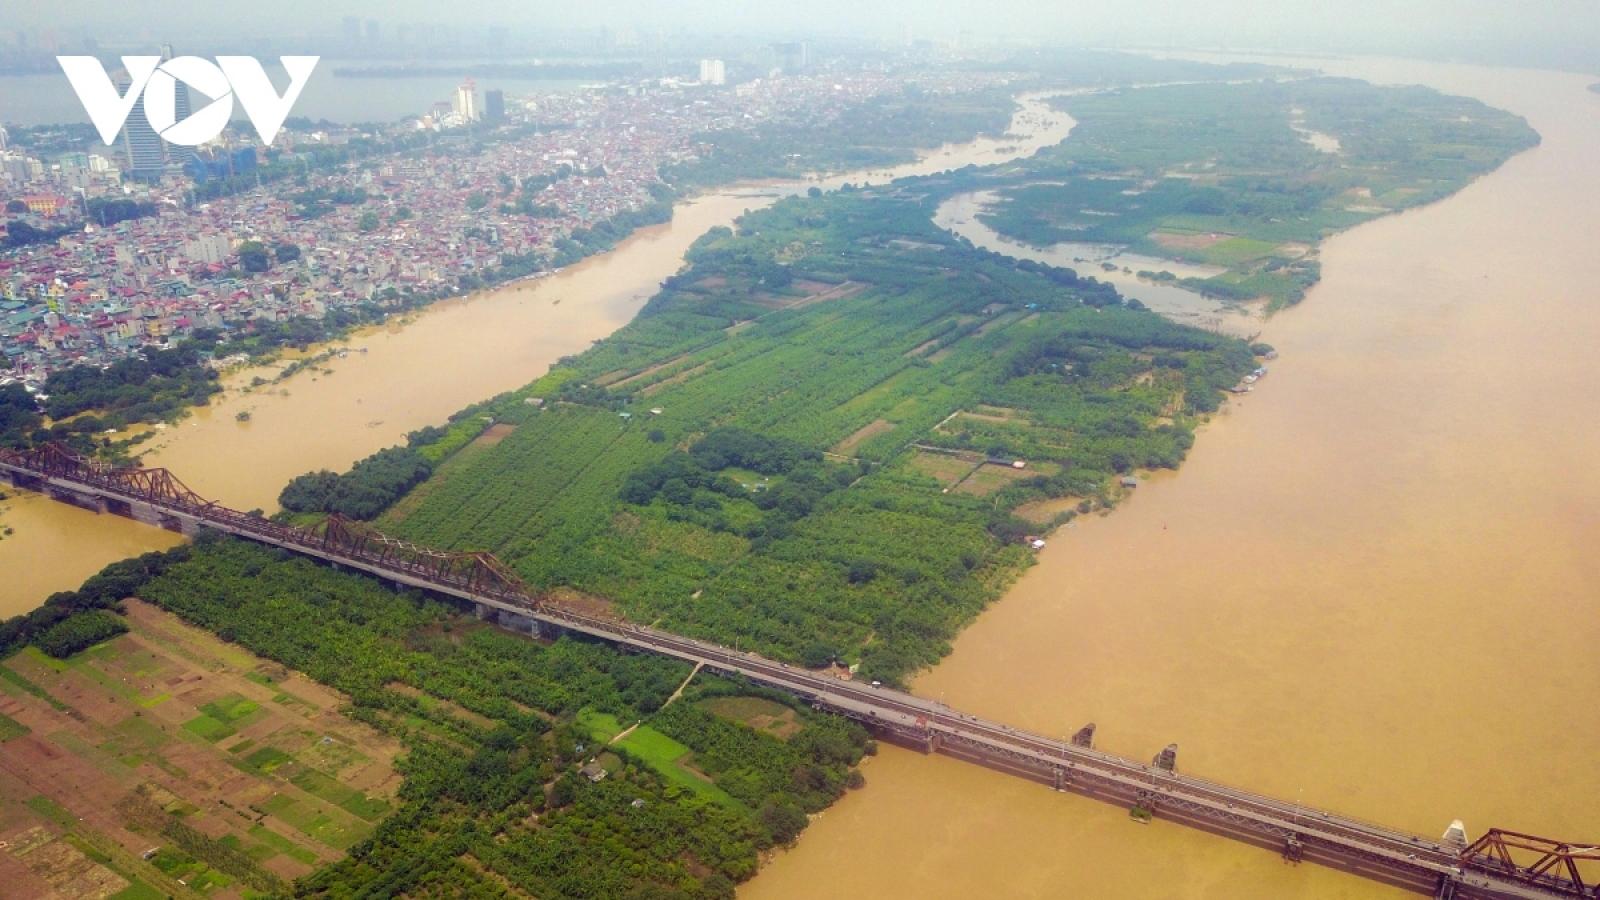 Hà Nội quy hoạch vùng huyện Đông Anh, Sóc Sơn, Mê Linh thành thành phố.